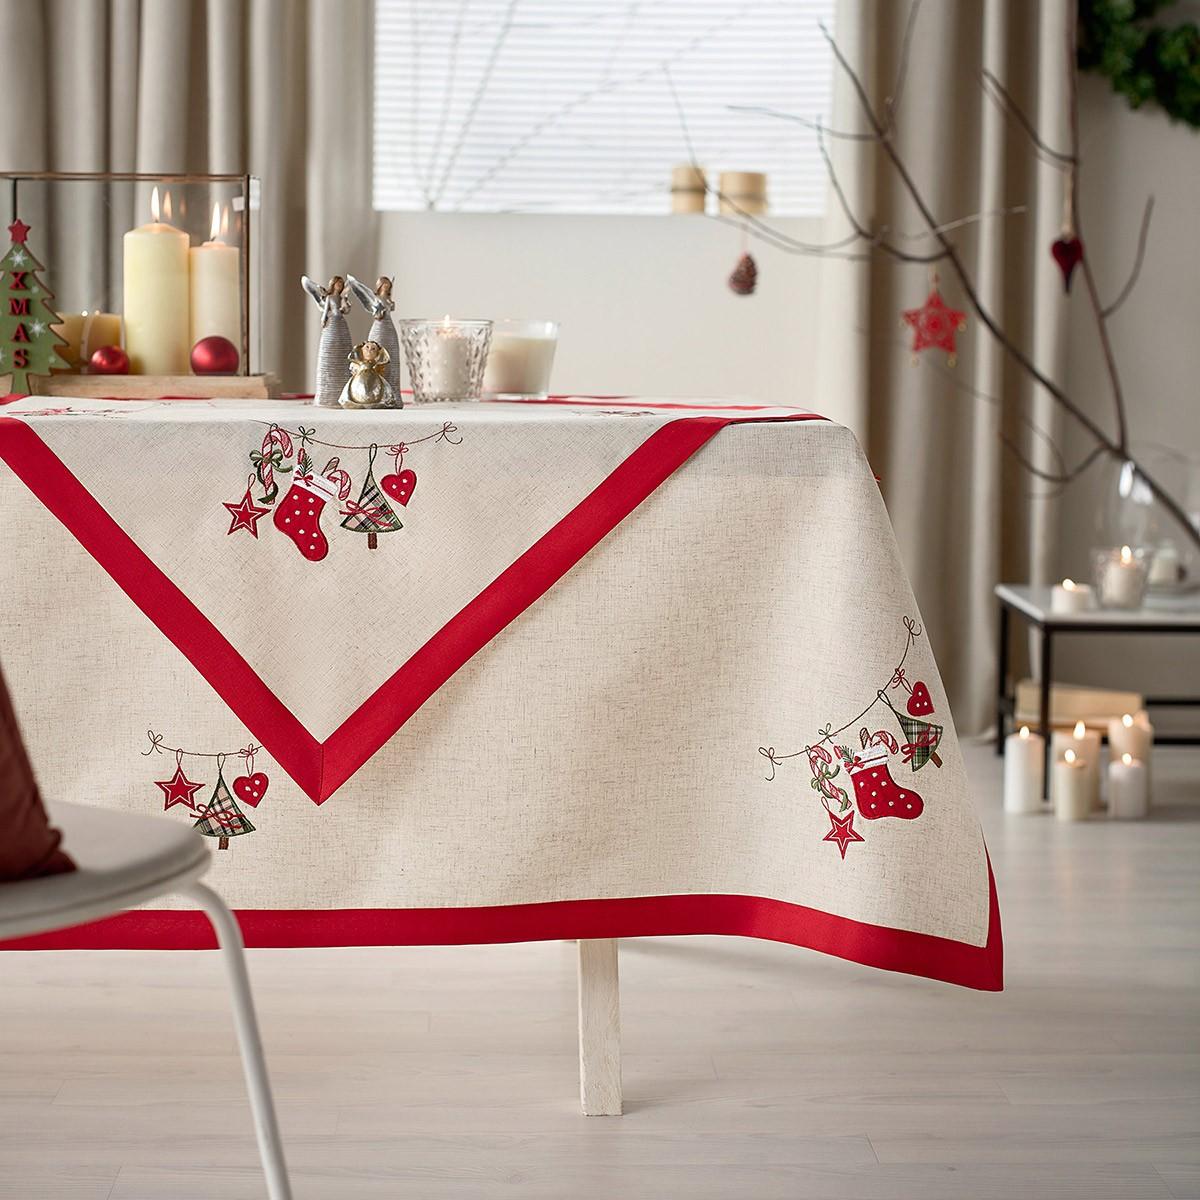 Χριστουγεννιάτικο Τραπεζομάντηλο (150×220) Gofis Home 106